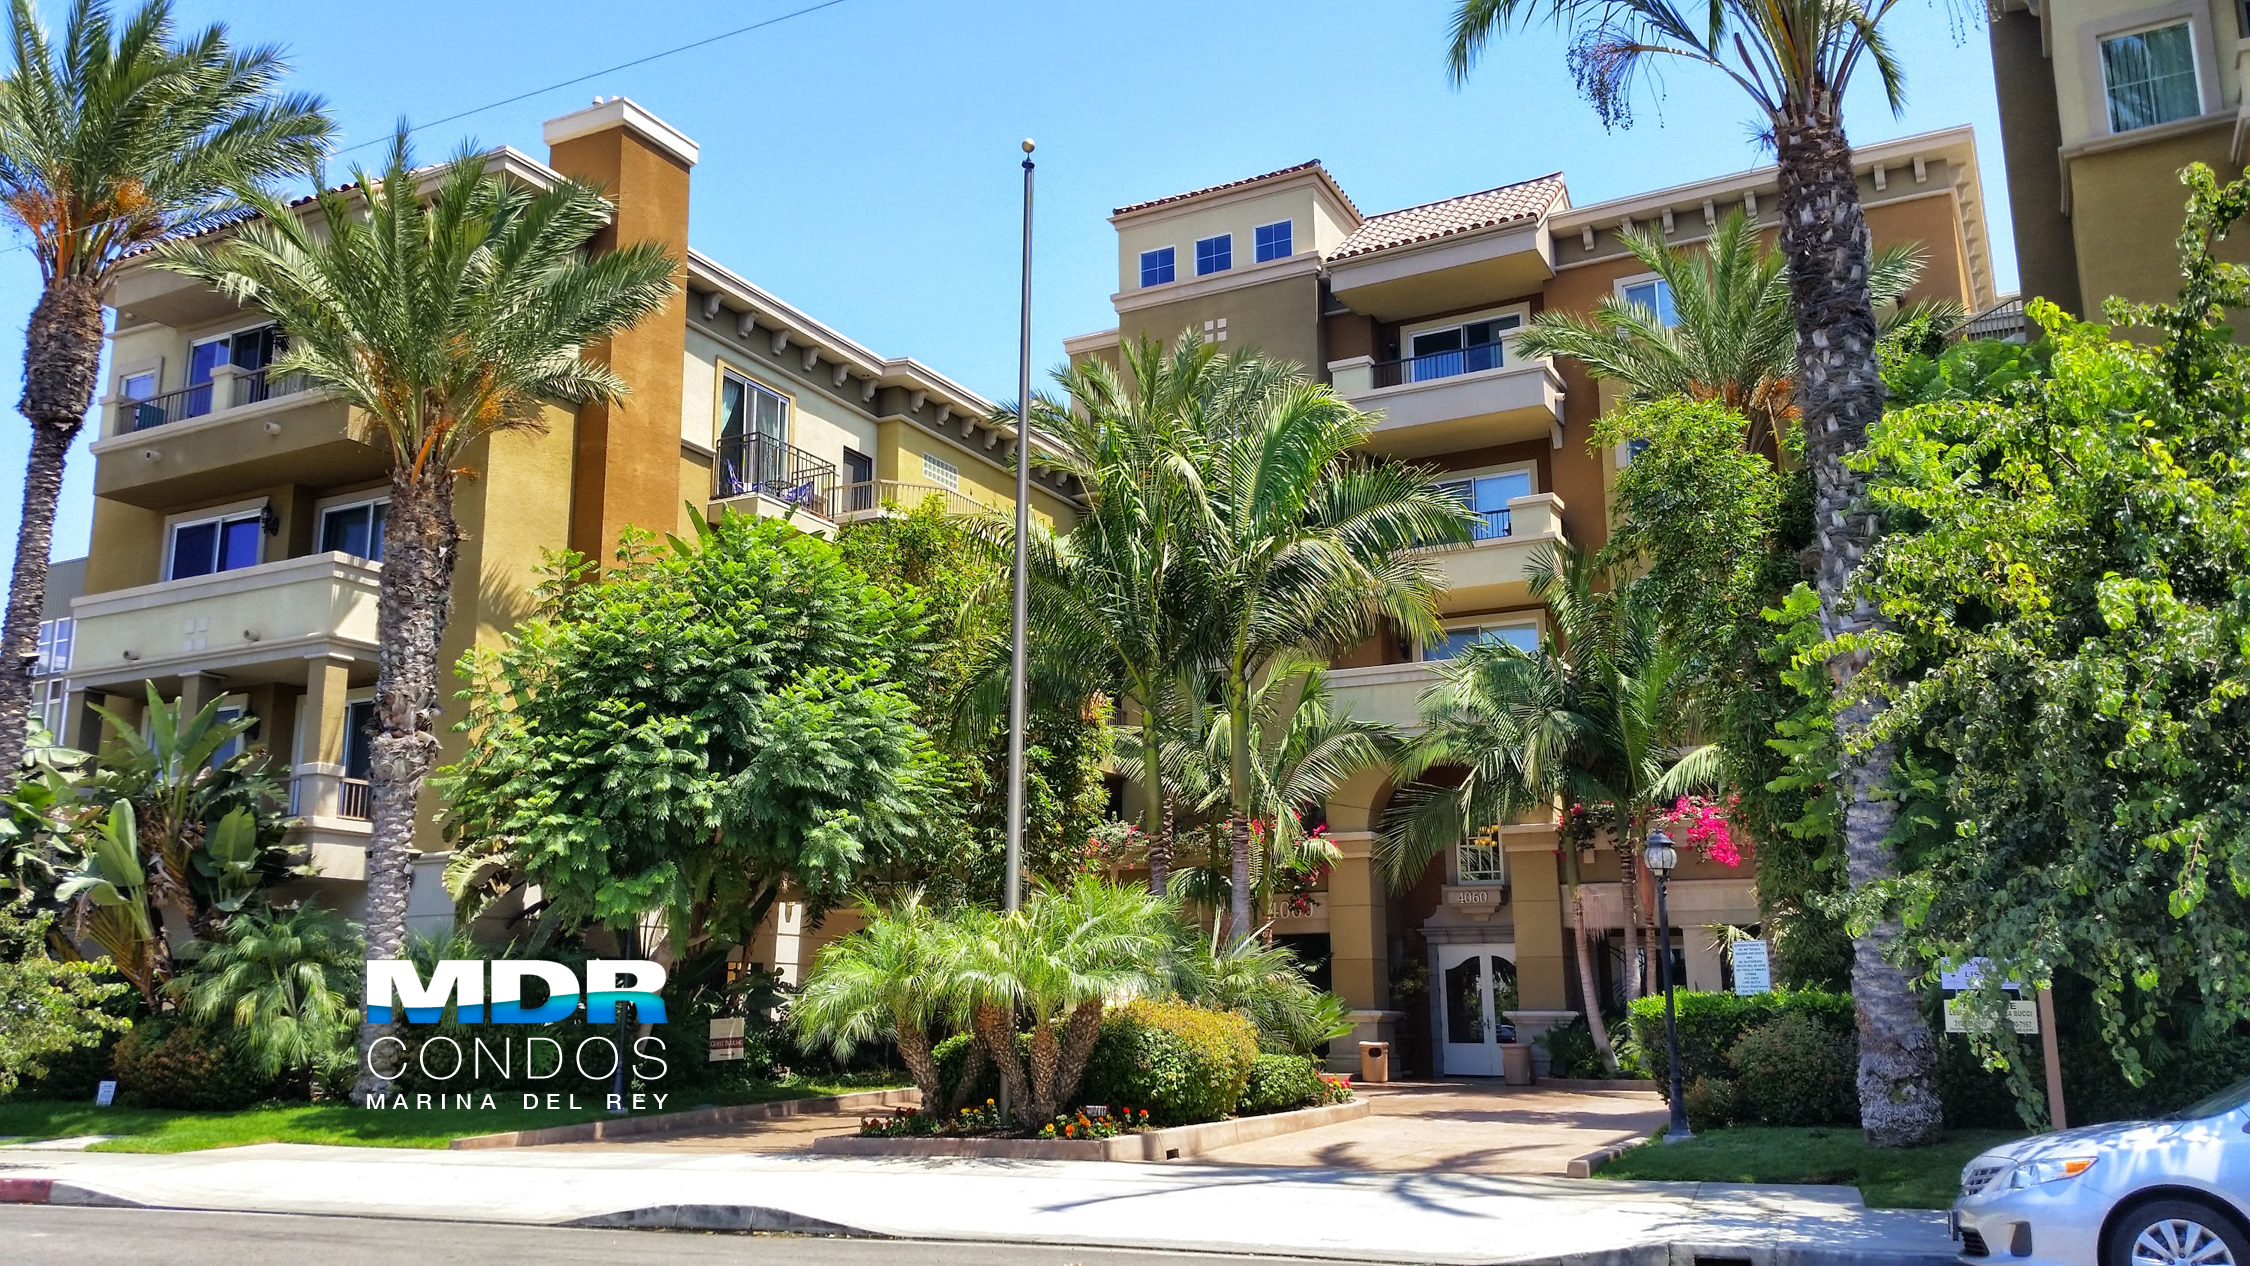 Marina del rey condos for sale condo that won t break for Houses for sale marina del rey